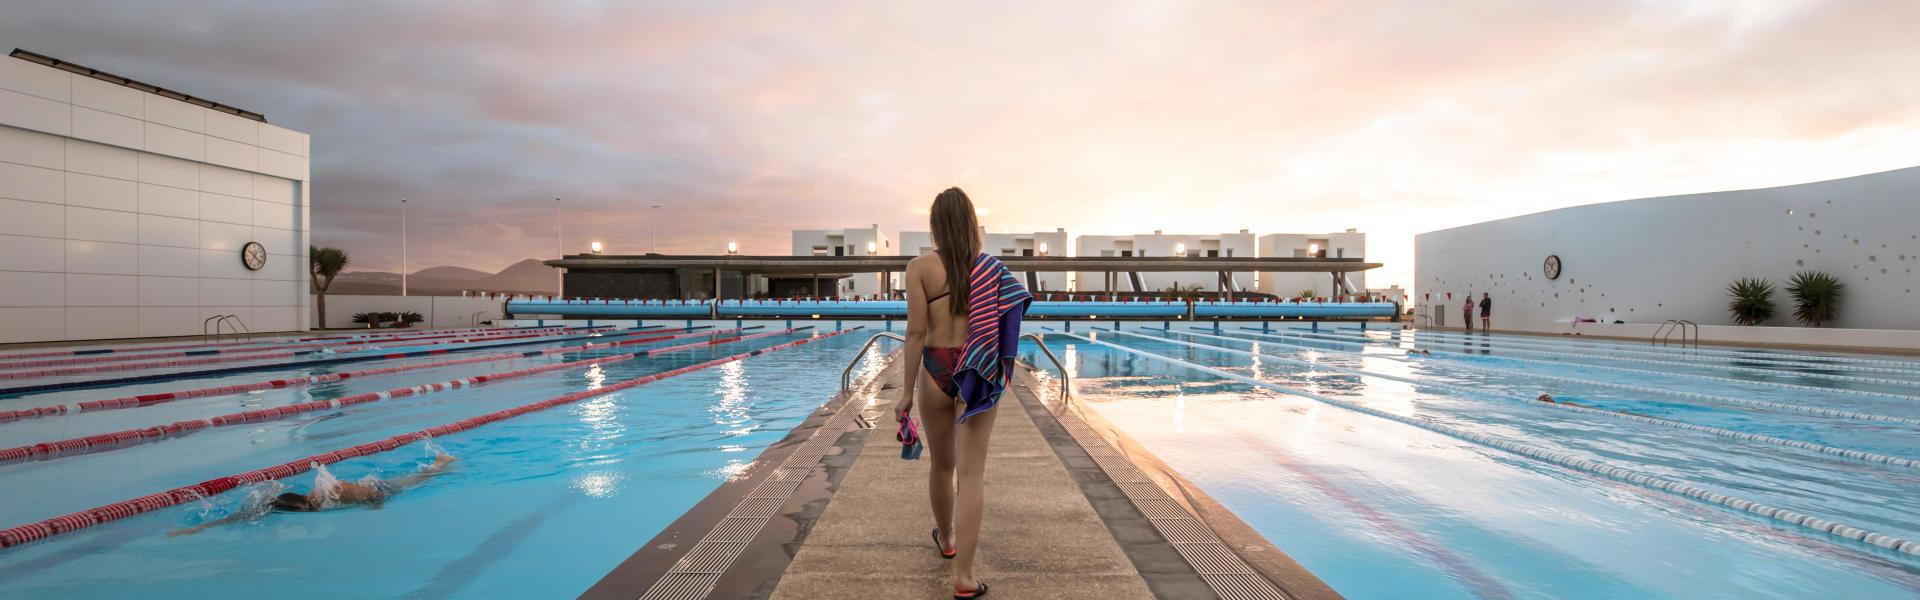 maillot de bain femme natation expert